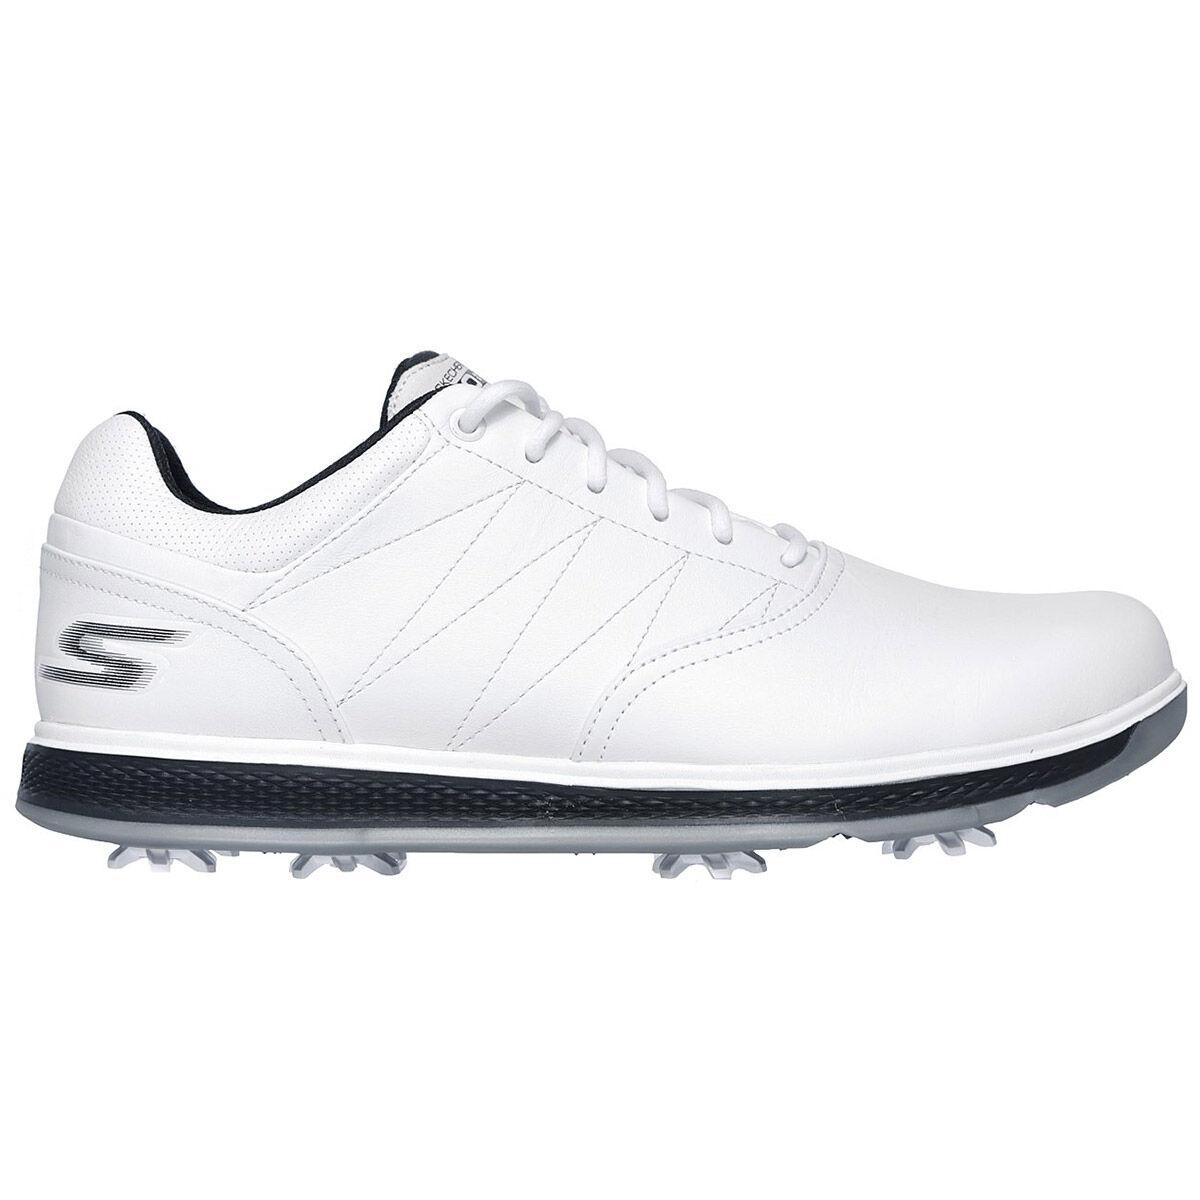 Skechers Go Golf Pro V3 Shoes | Online Golf